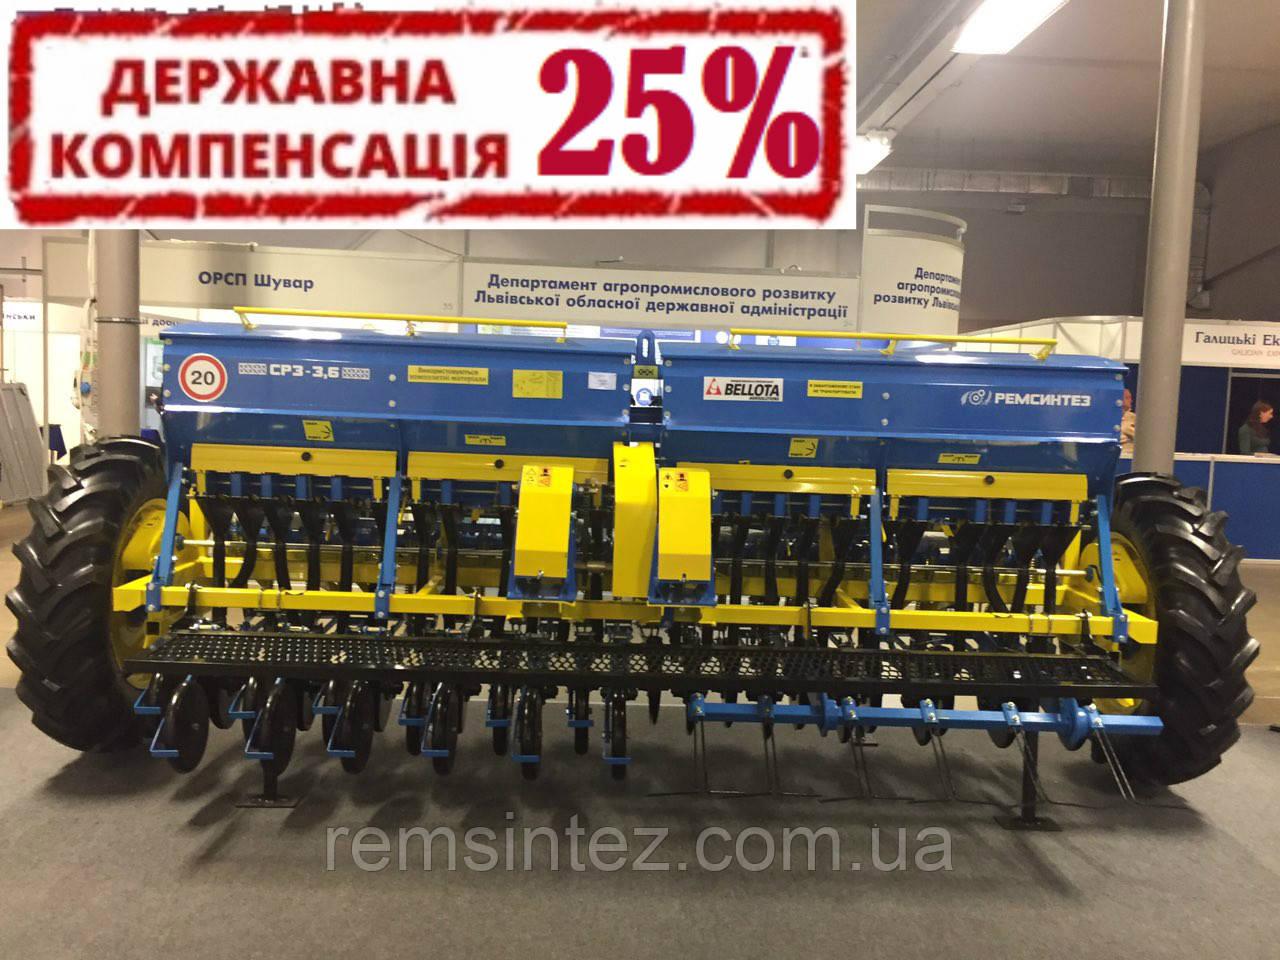 Сеялка зерновая СЗ (СРЗ) 3,6-02 (независимый поводок, диски Bellota, прикатывающие катки)